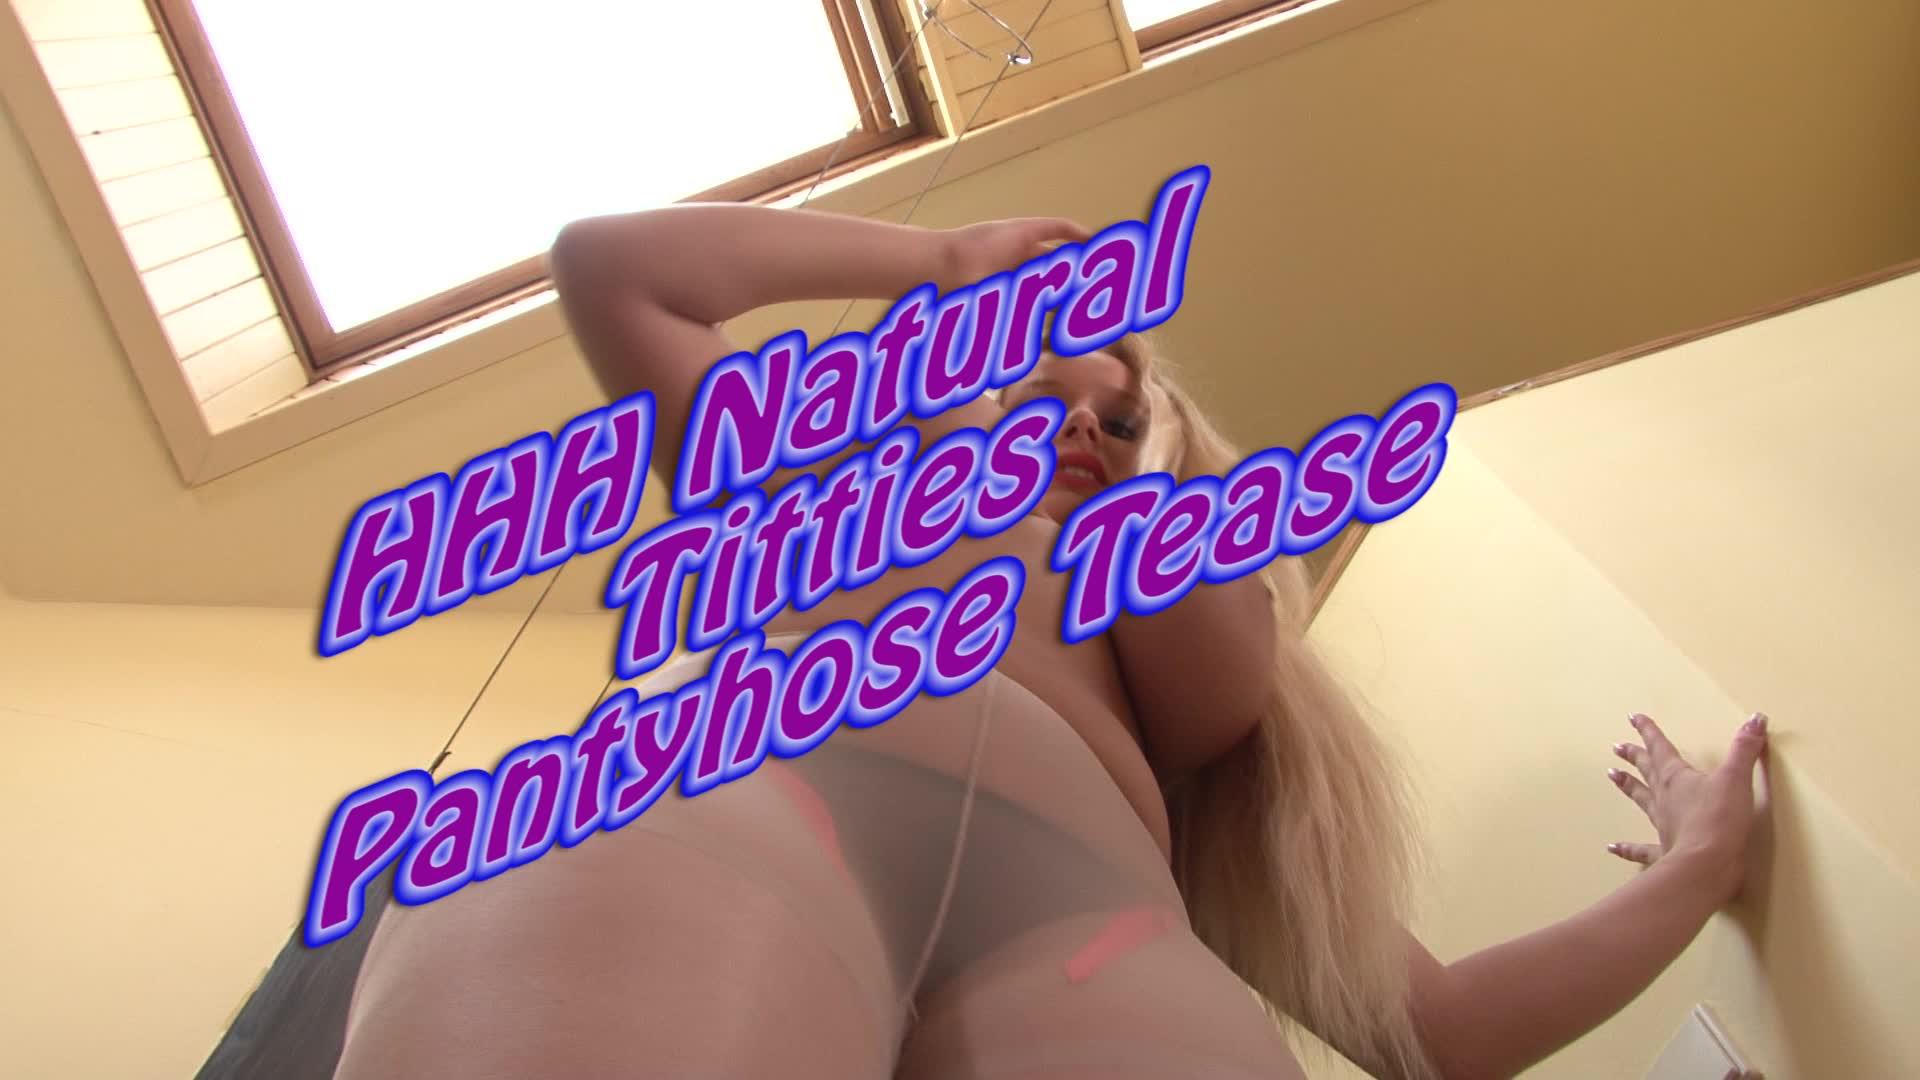 Hhh natural titties pantyhose tease 2